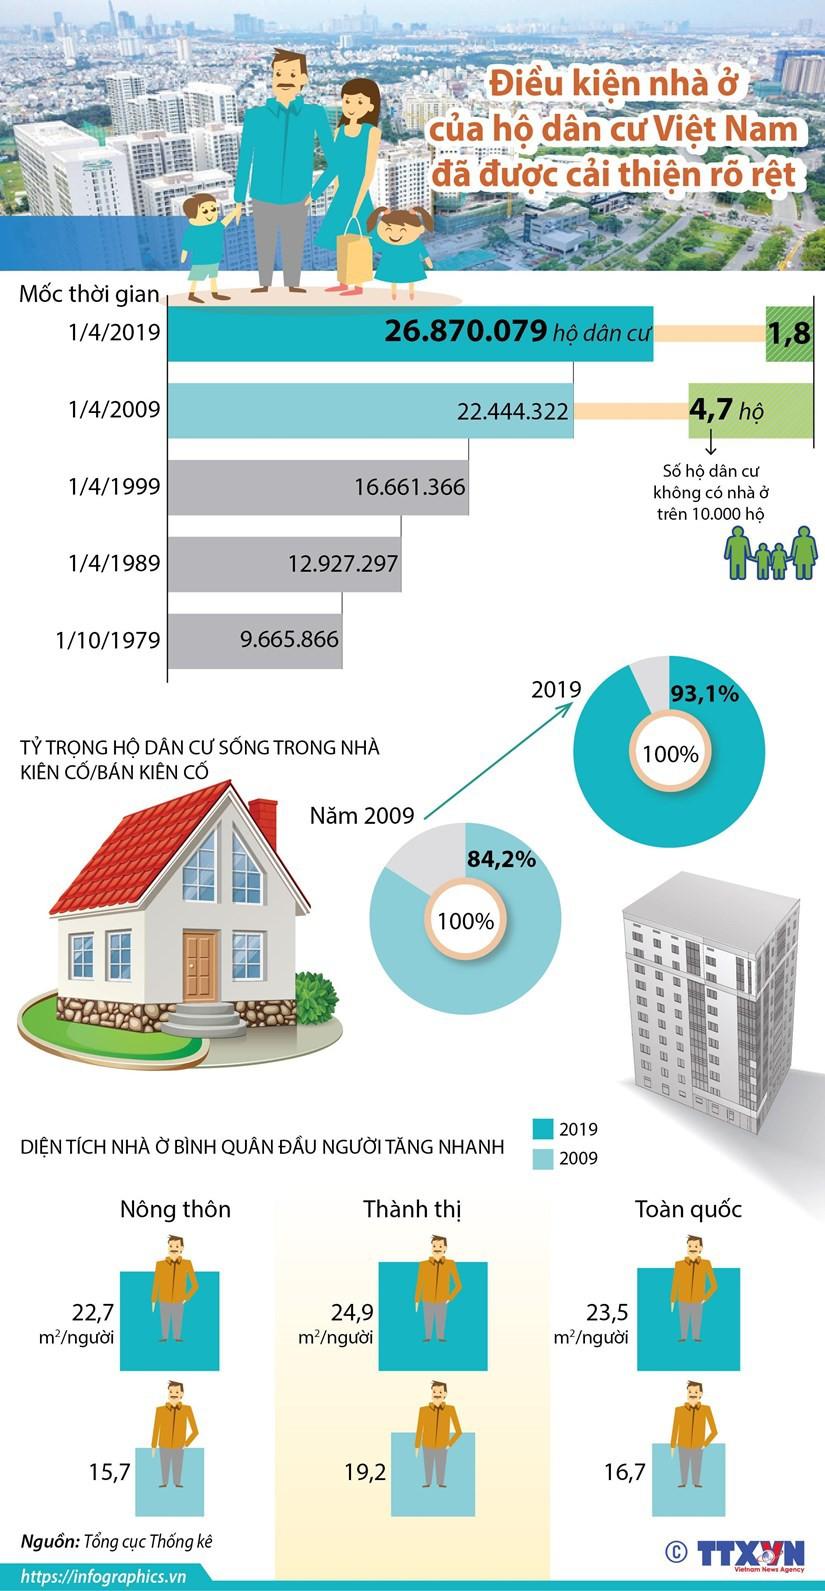 Điều kiện nhà ở của hộ dân cư Việt Nam đã được cải thiện rõ rệt - Ảnh 1.